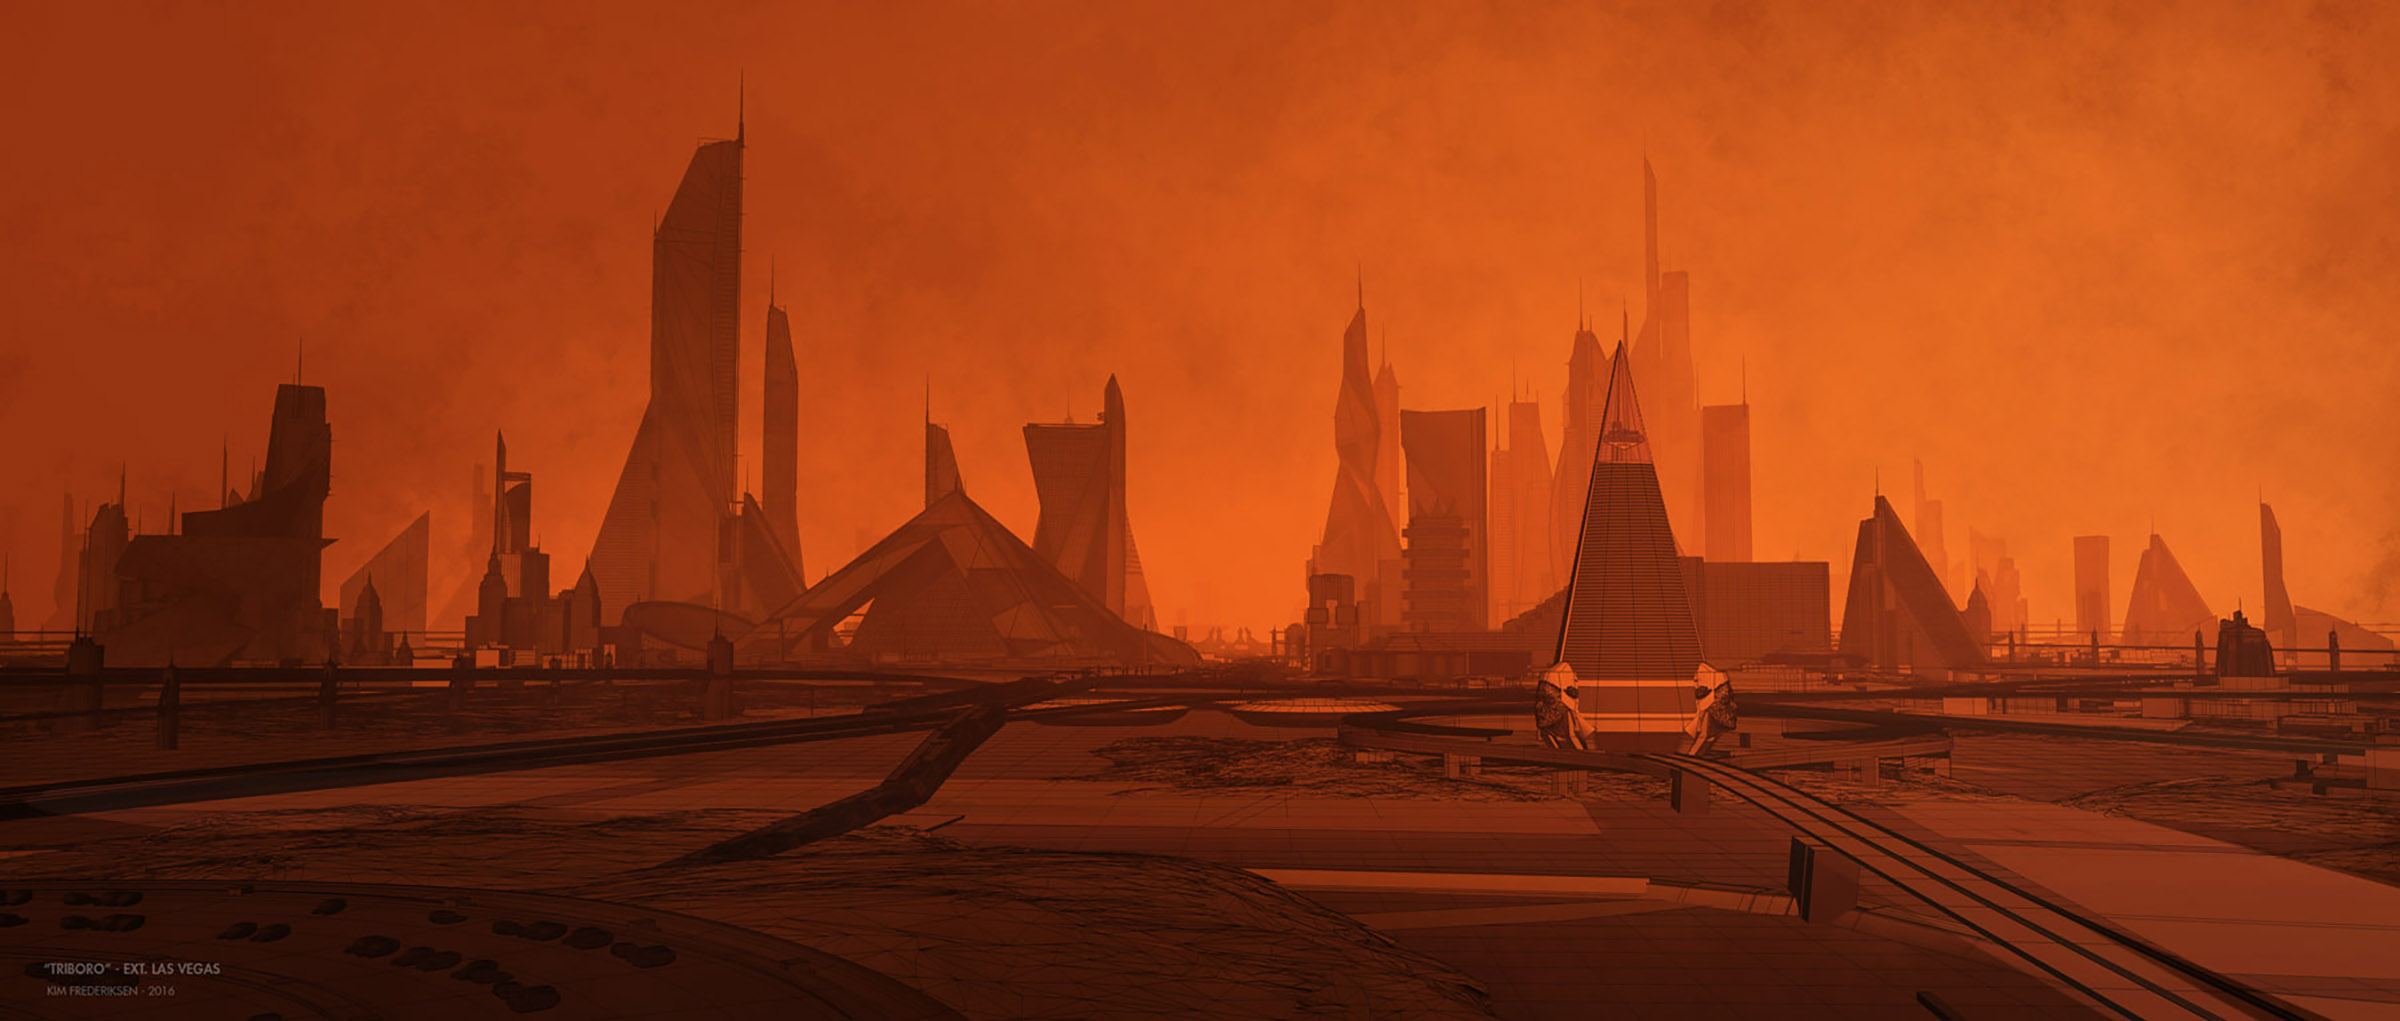 3d Wallpaper Futurist Blade Runner 2049 Designing A Brutal Beautiful